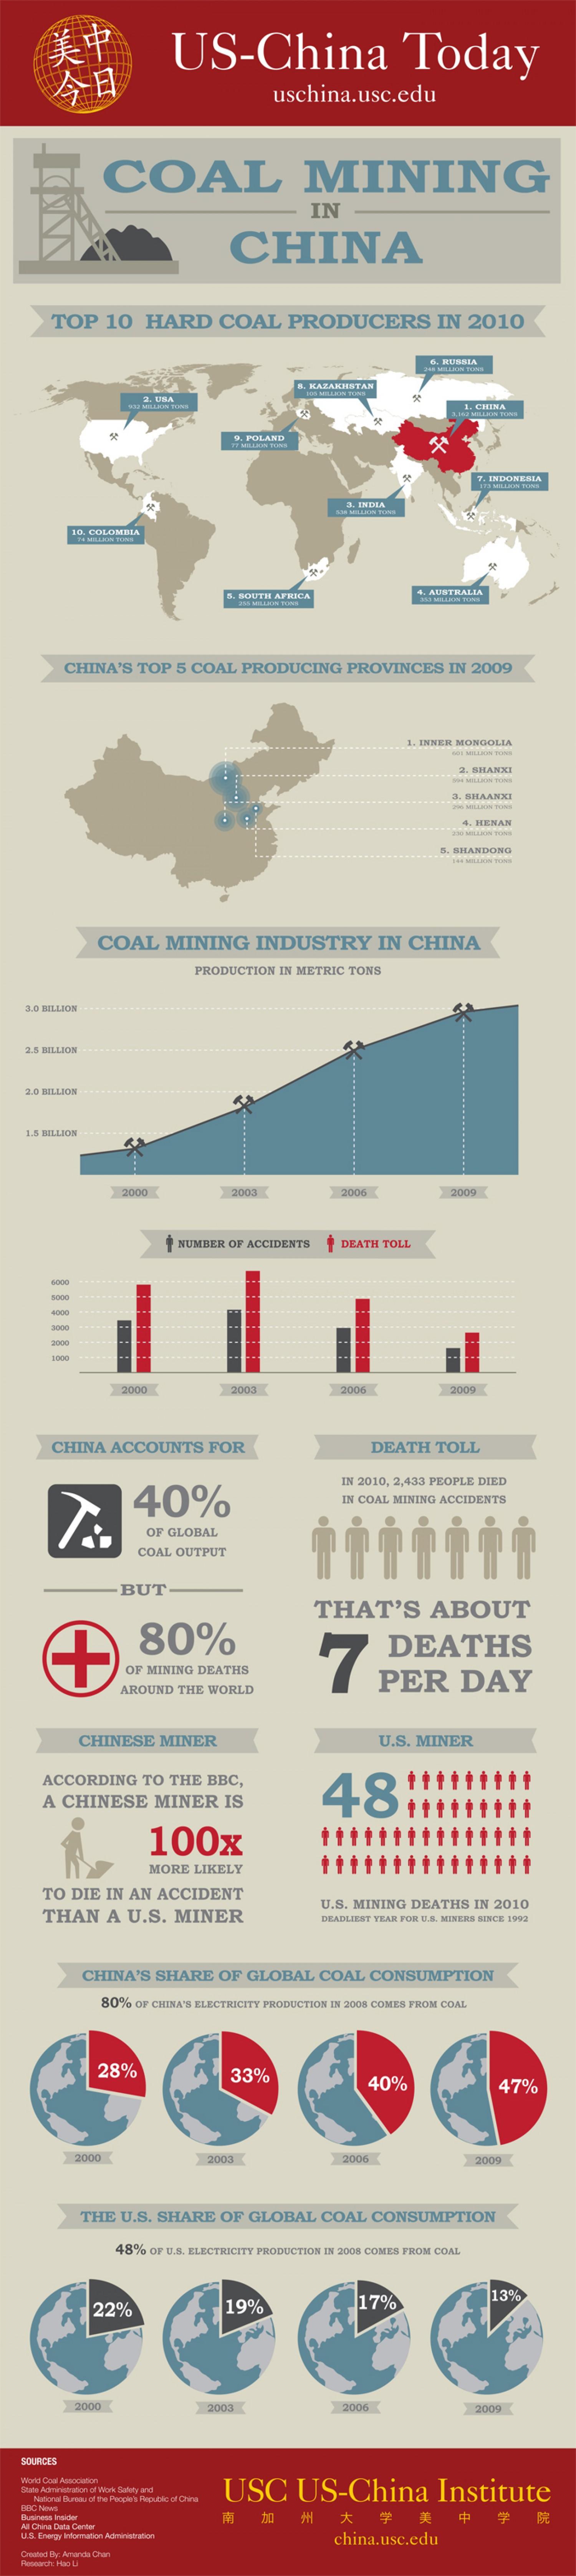 11. Coal Mining in China